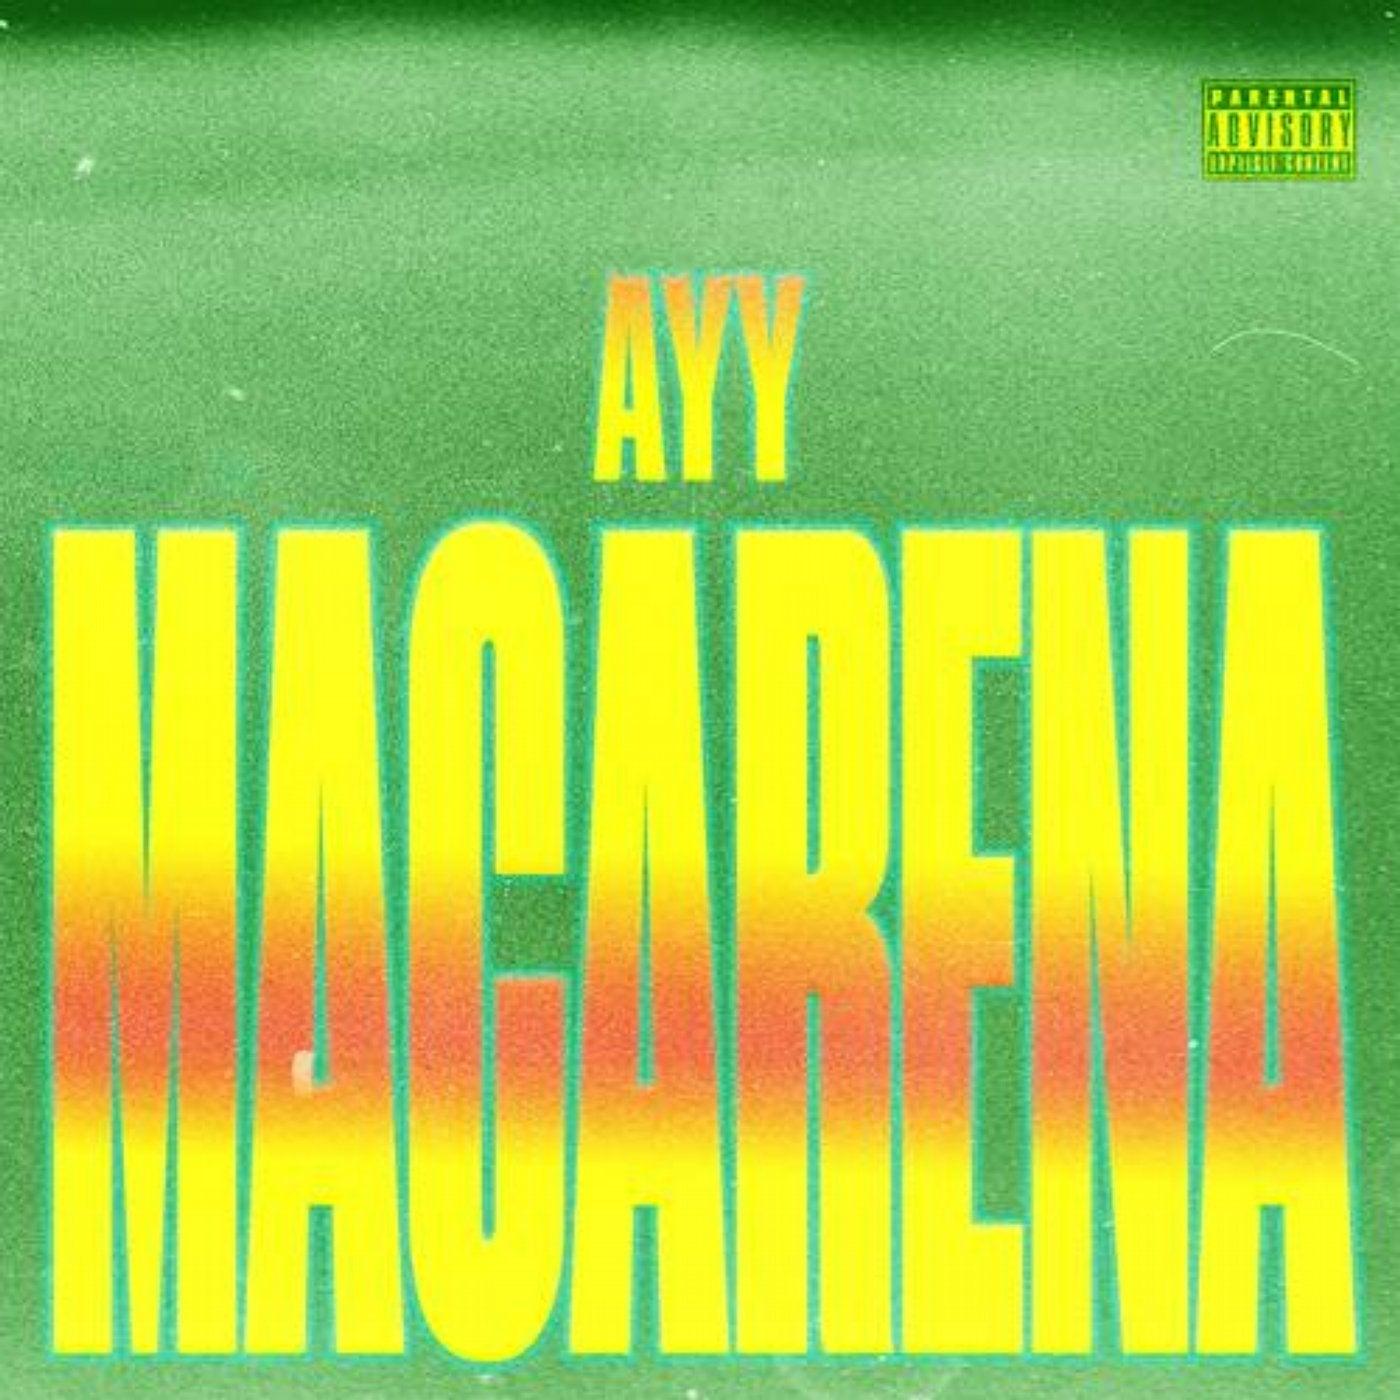 Ayy Macarena (Original Mix)